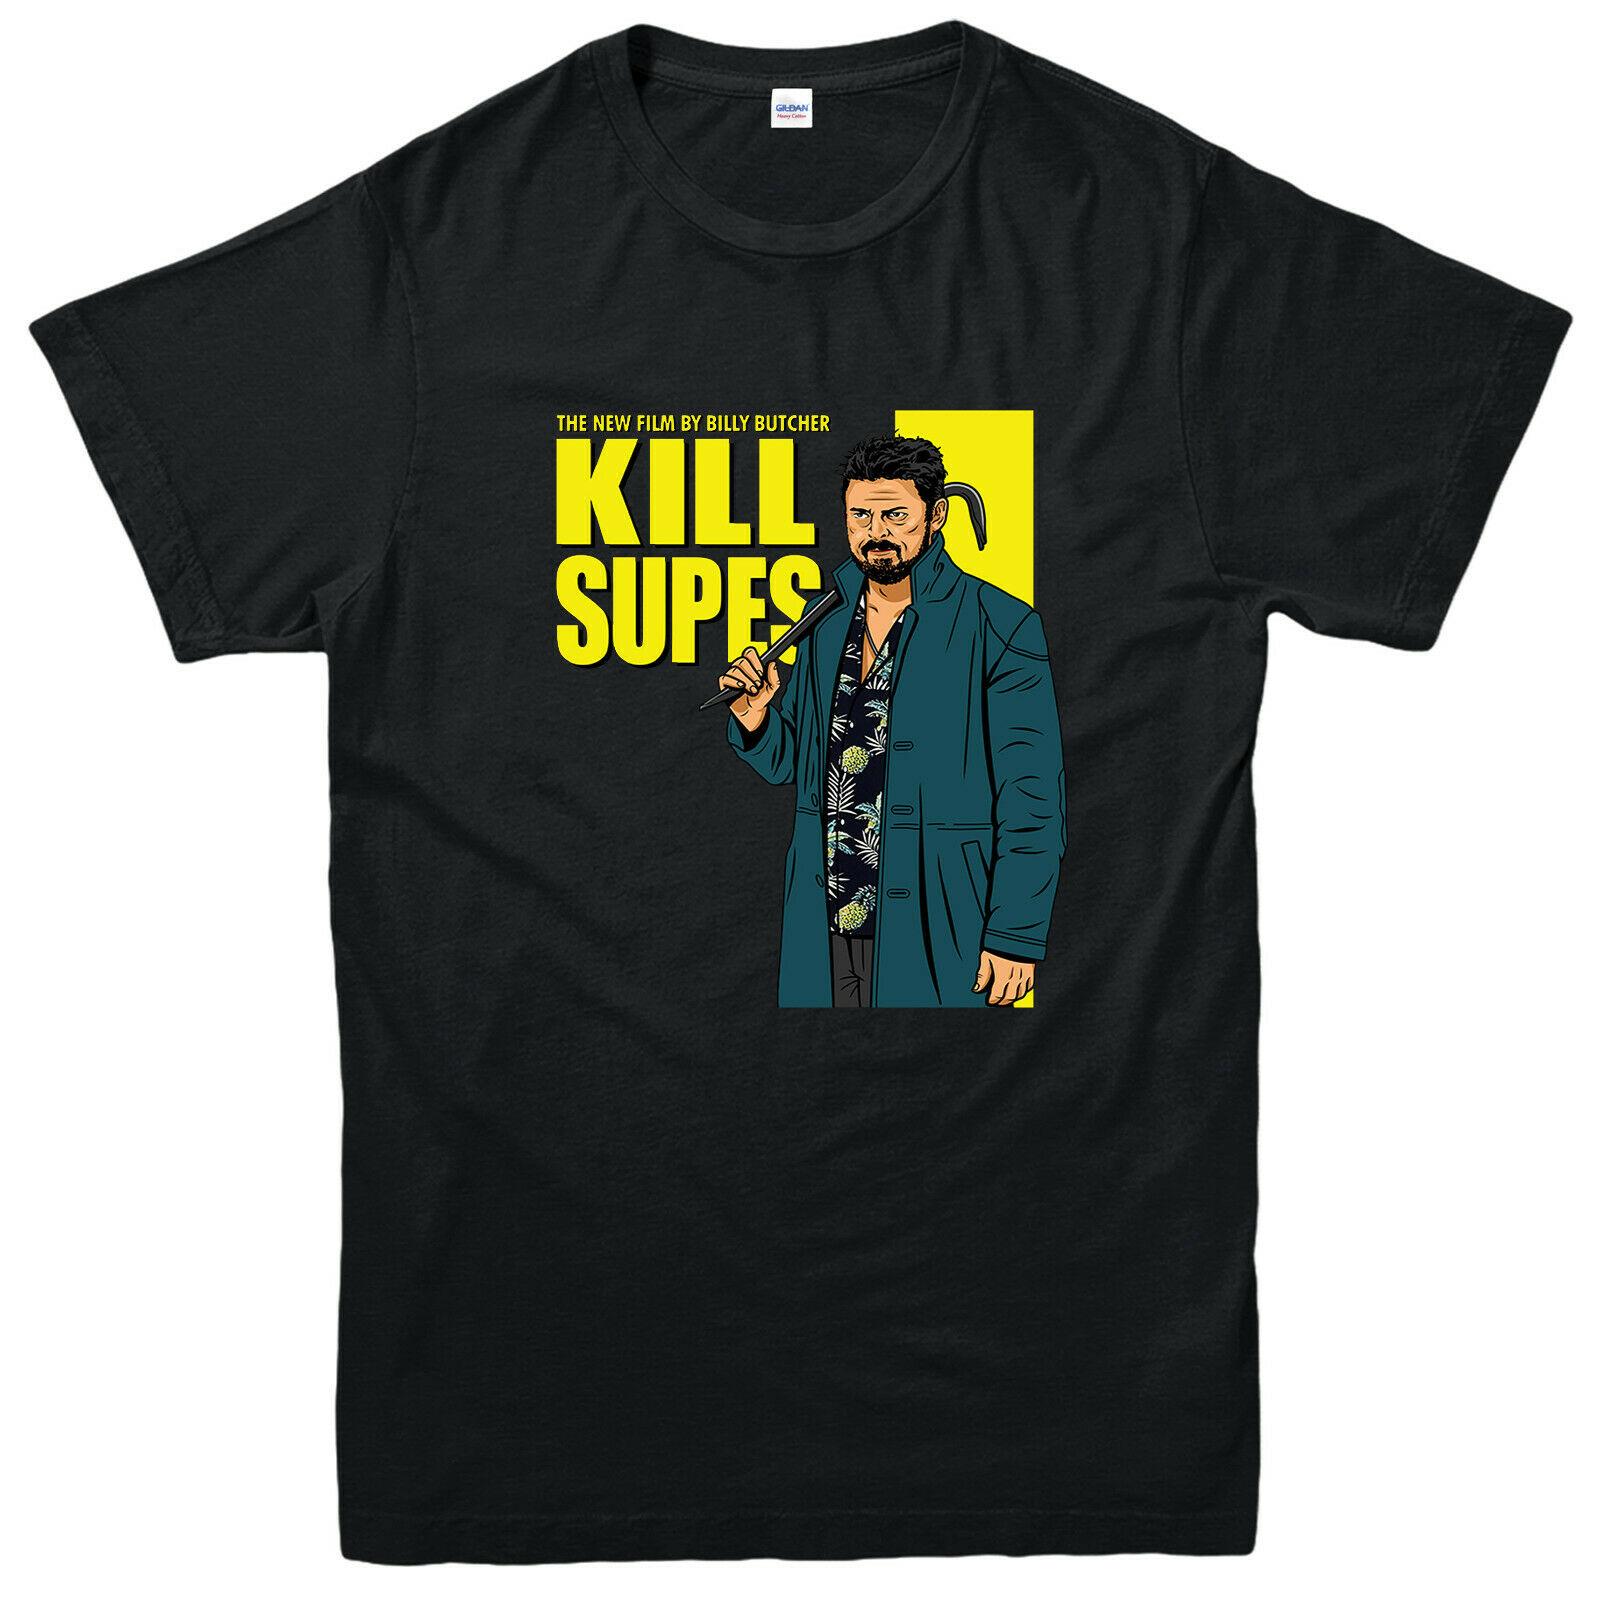 Camiseta Kill The Supes can, nueva película de la serie de películas...